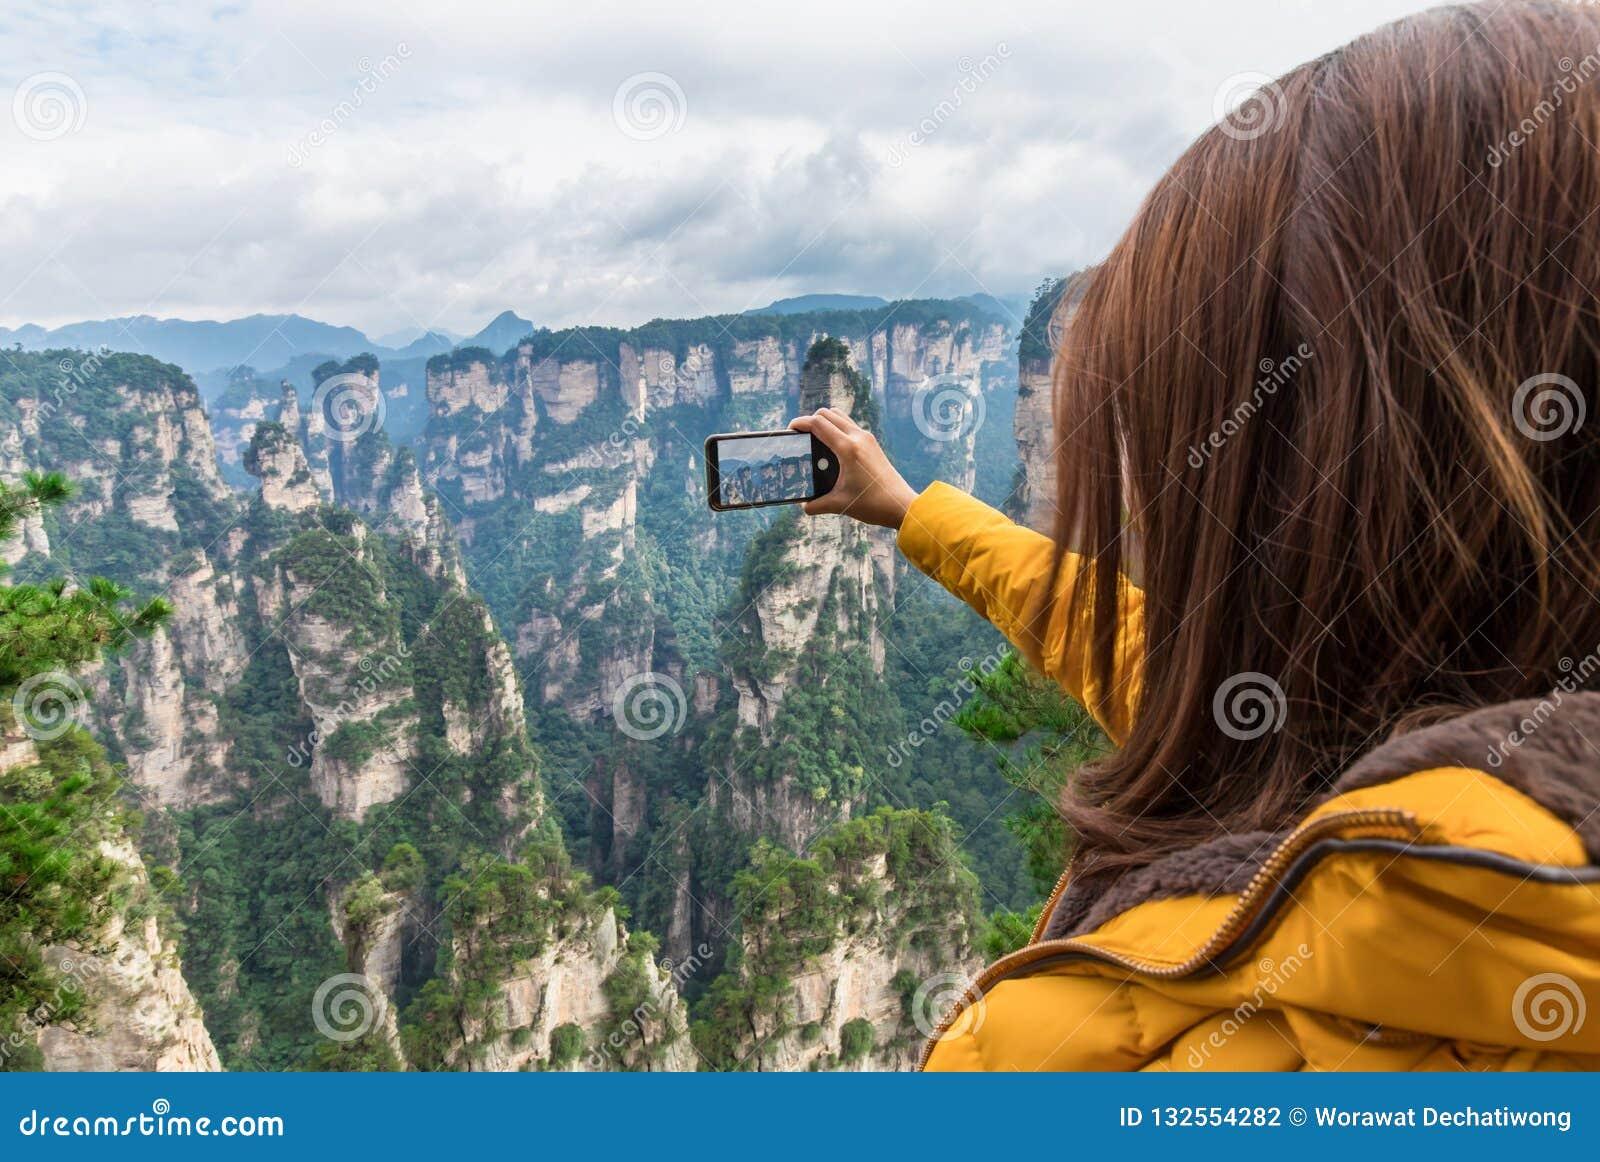 Muchacha turística asiática que toma una foto usando un teléfono elegante en Zhangji